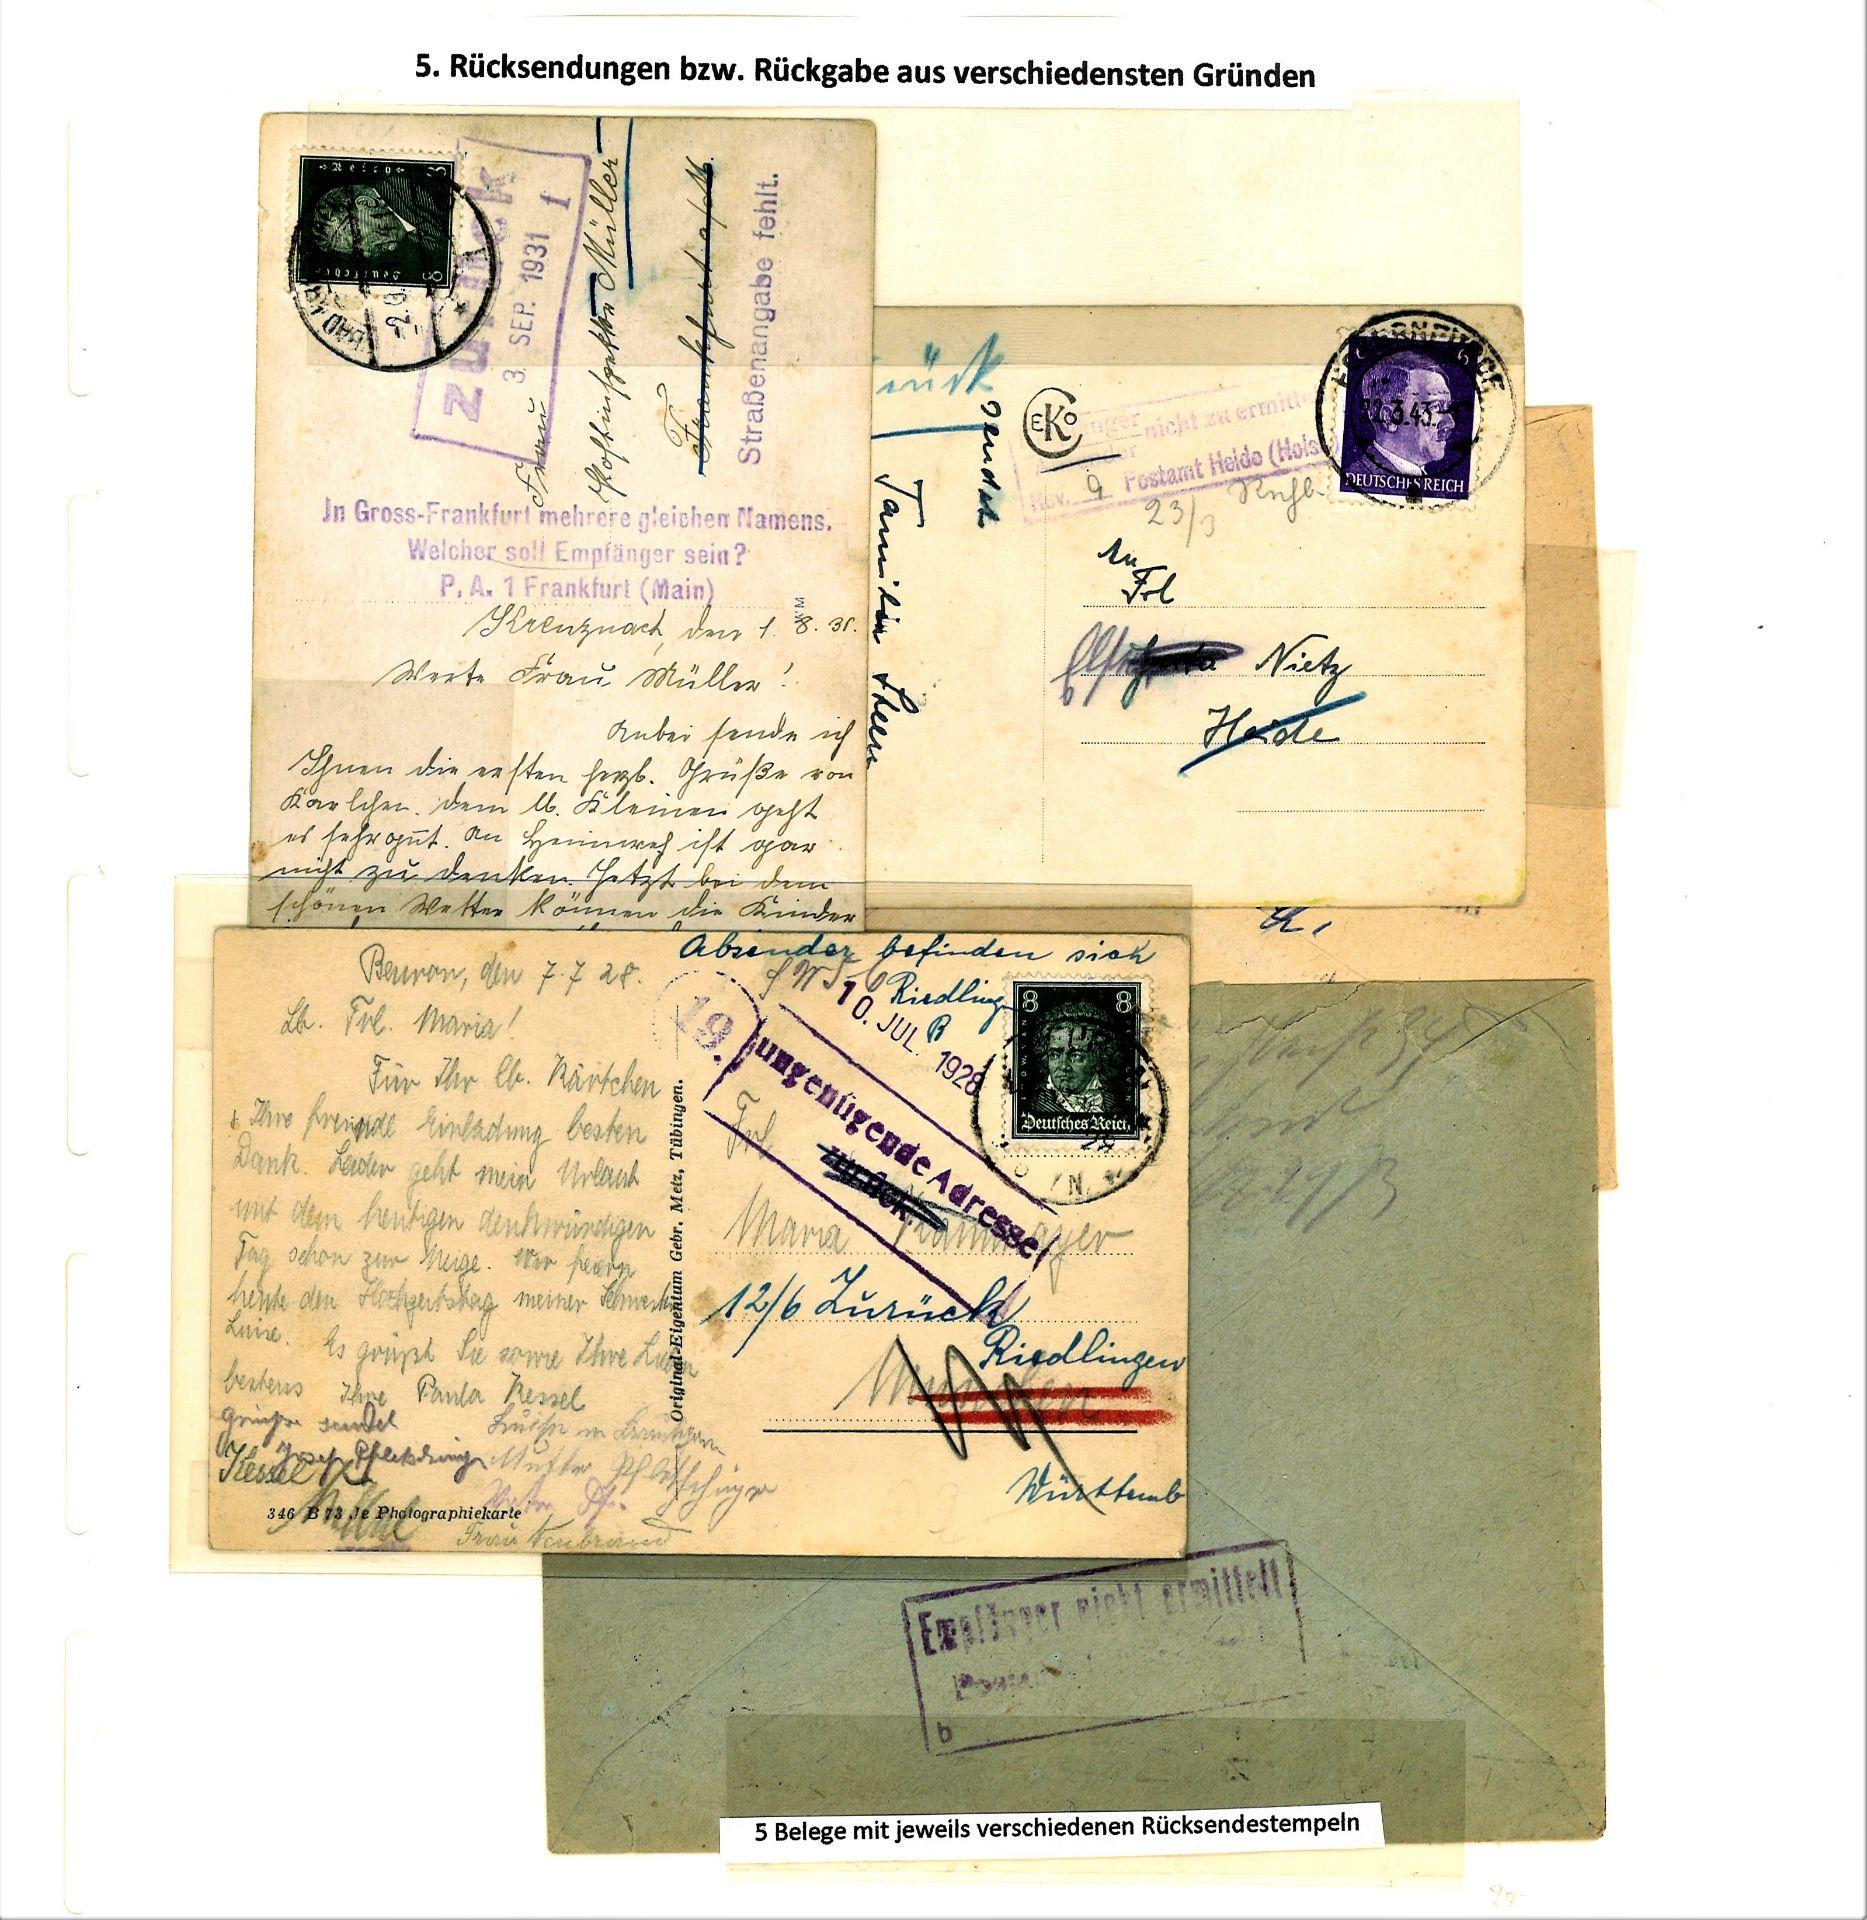 Blauer Leuchtturm Ringbinder mit 96 Blatt und 277 Belegen und 17 Verschlußmarken bzw. - Image 8 of 12